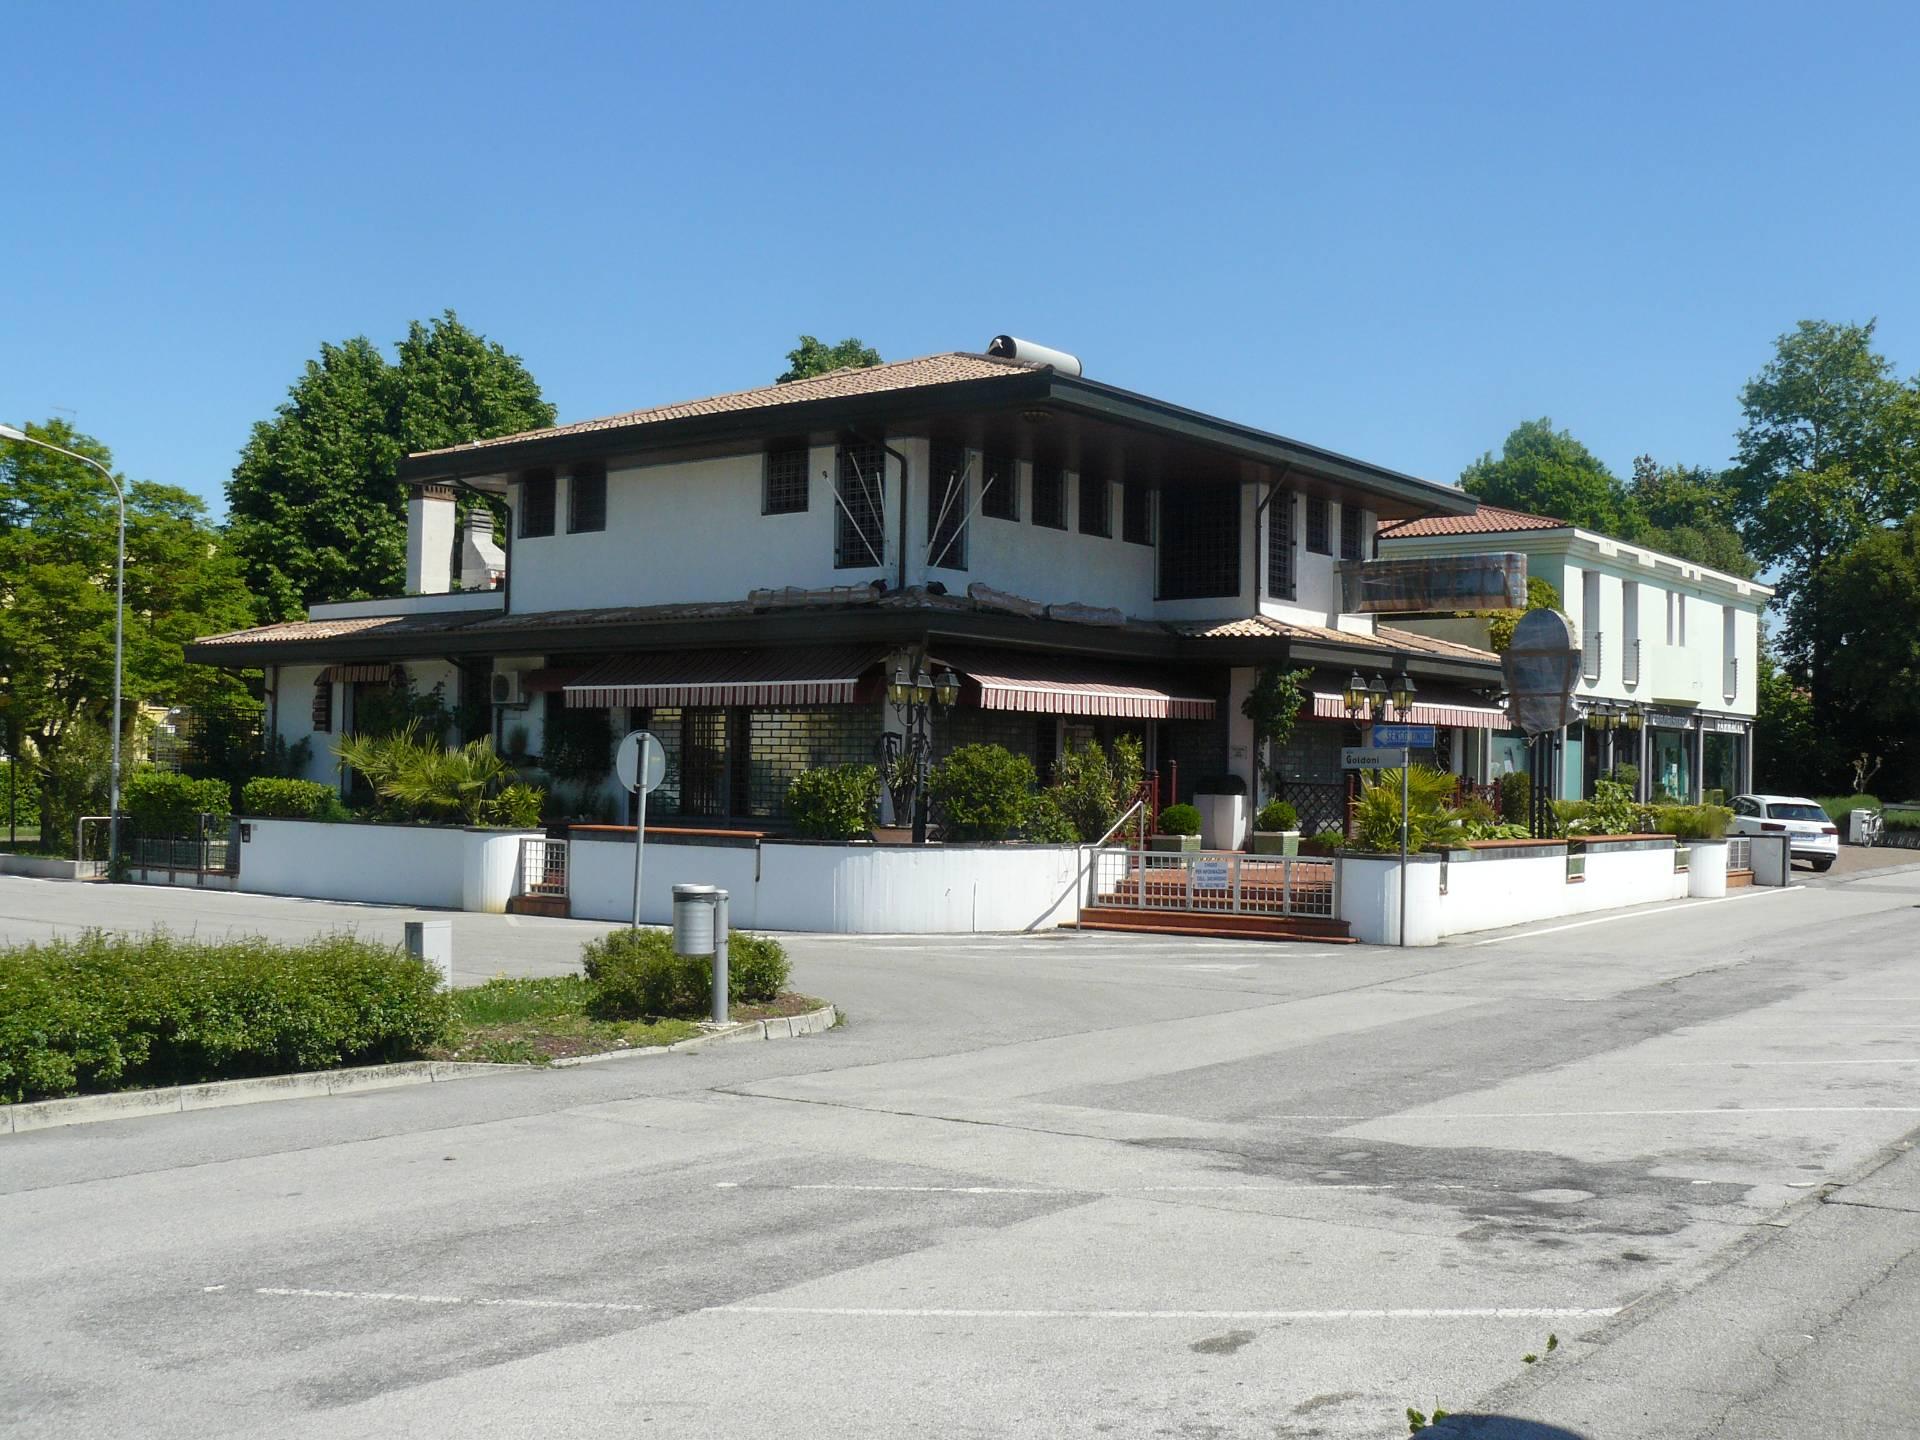 Attività / Licenza in vendita a San Biagio di Callalta, 9999 locali, zona Località: Centro, prezzo € 800.000 | CambioCasa.it